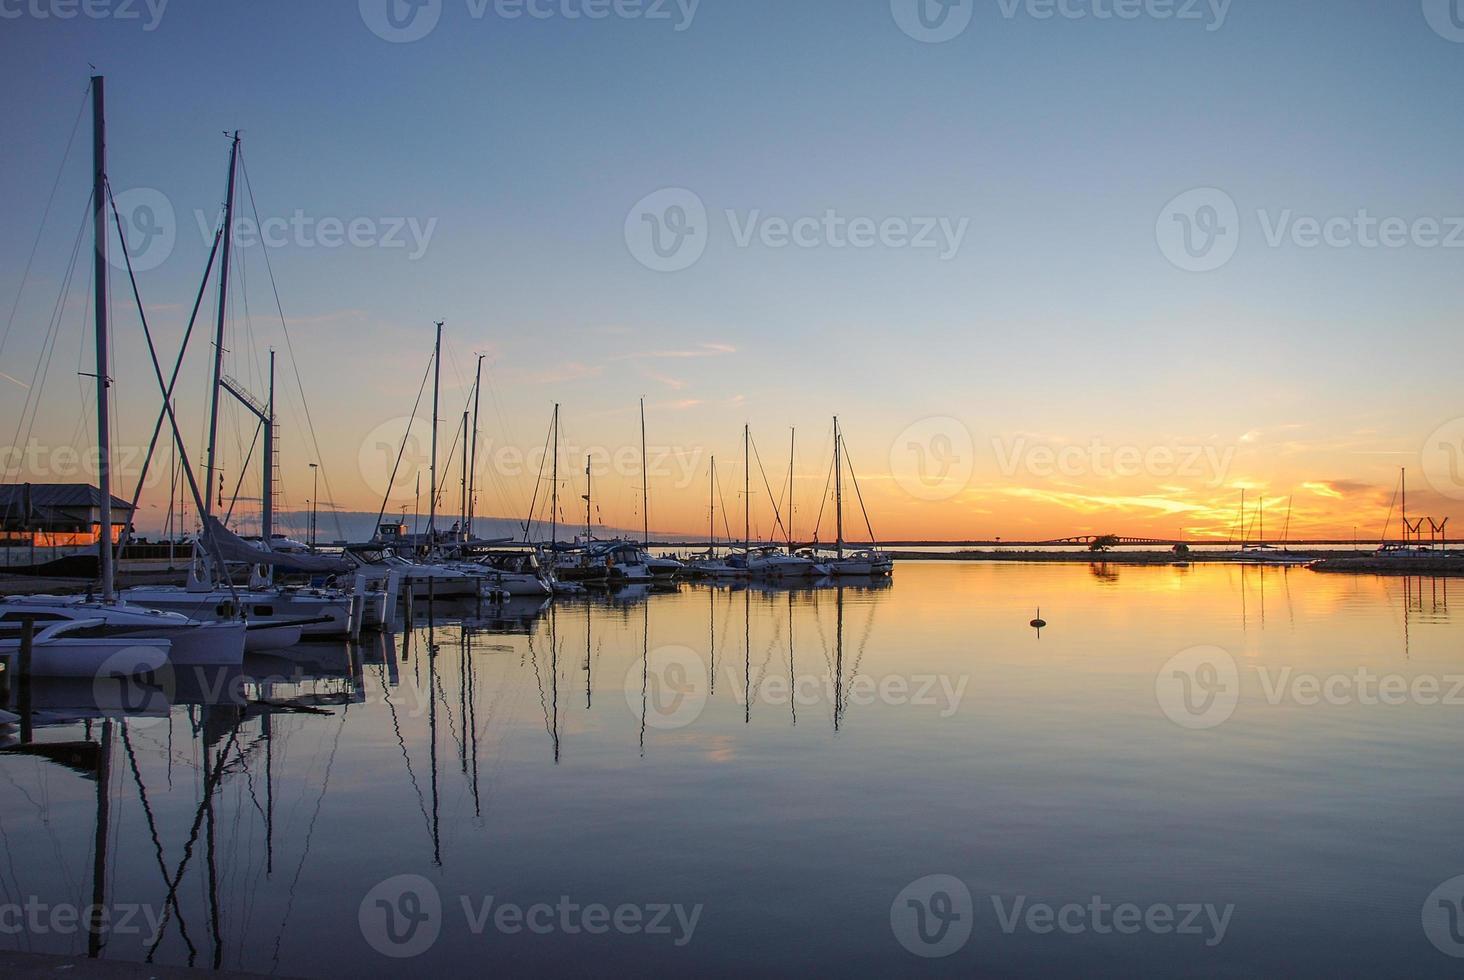 kleiner Blick auf den Hafen foto